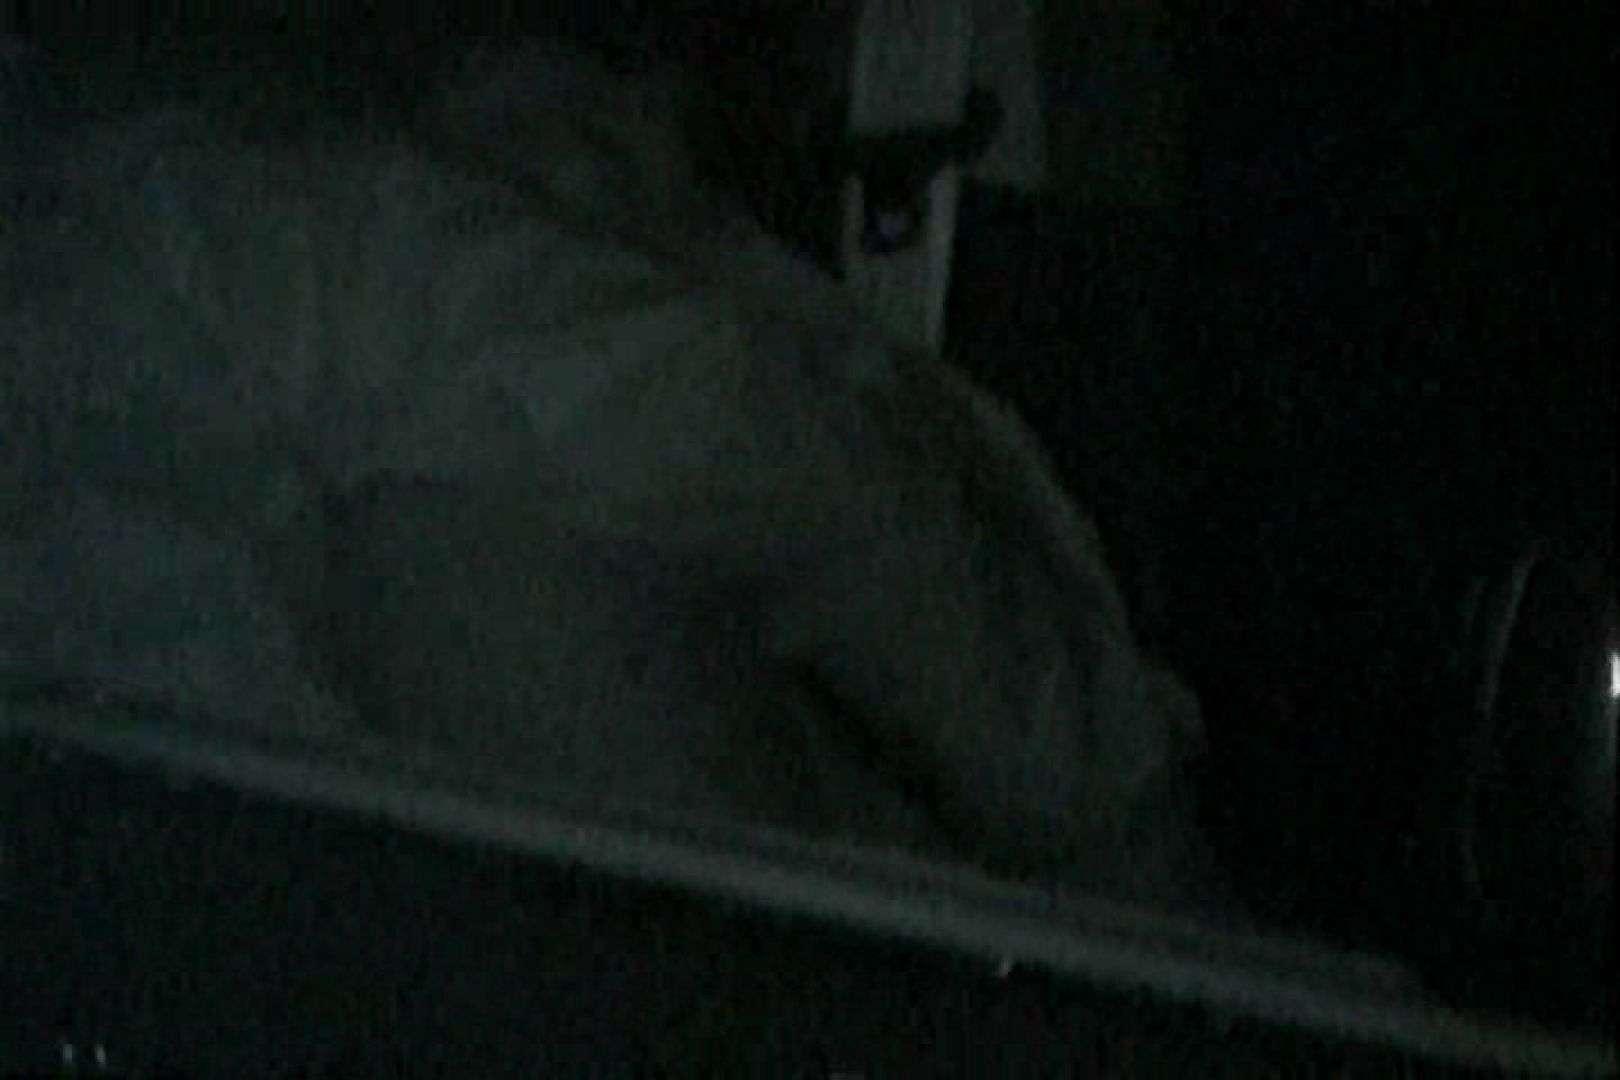 充血監督の深夜の運動会Vol.126 接写 盗撮セックス無修正動画無料 92pic 83